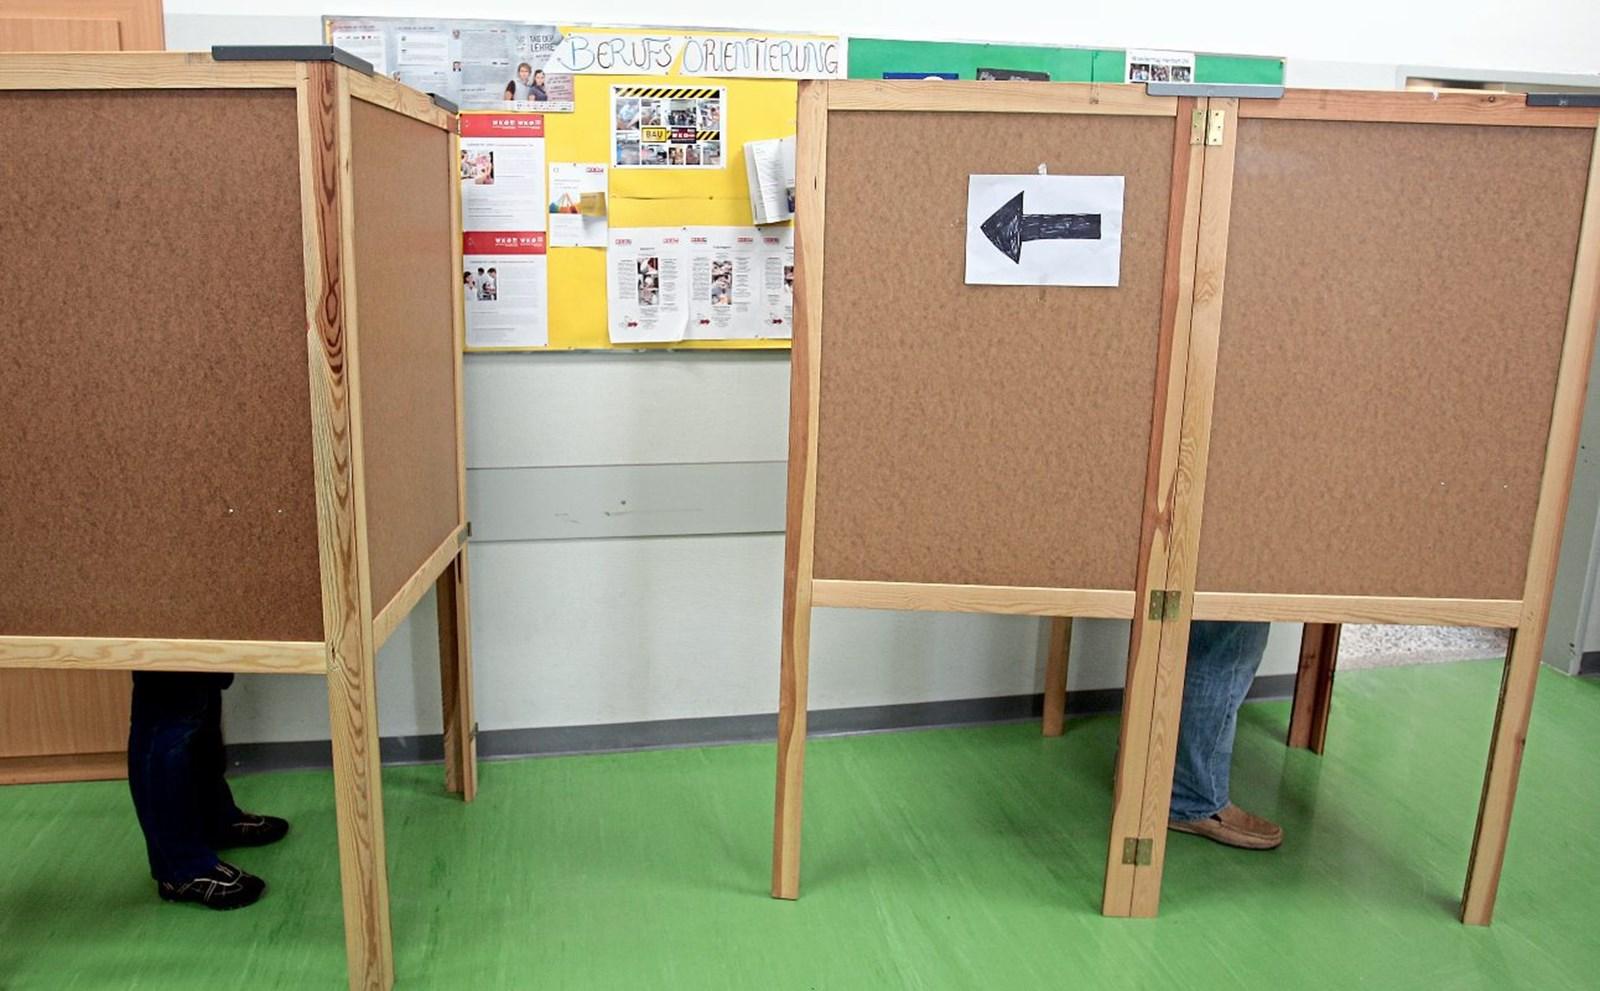 Wahlkabine.at zeigt überraschende Positionen im EU-Wahlkampf